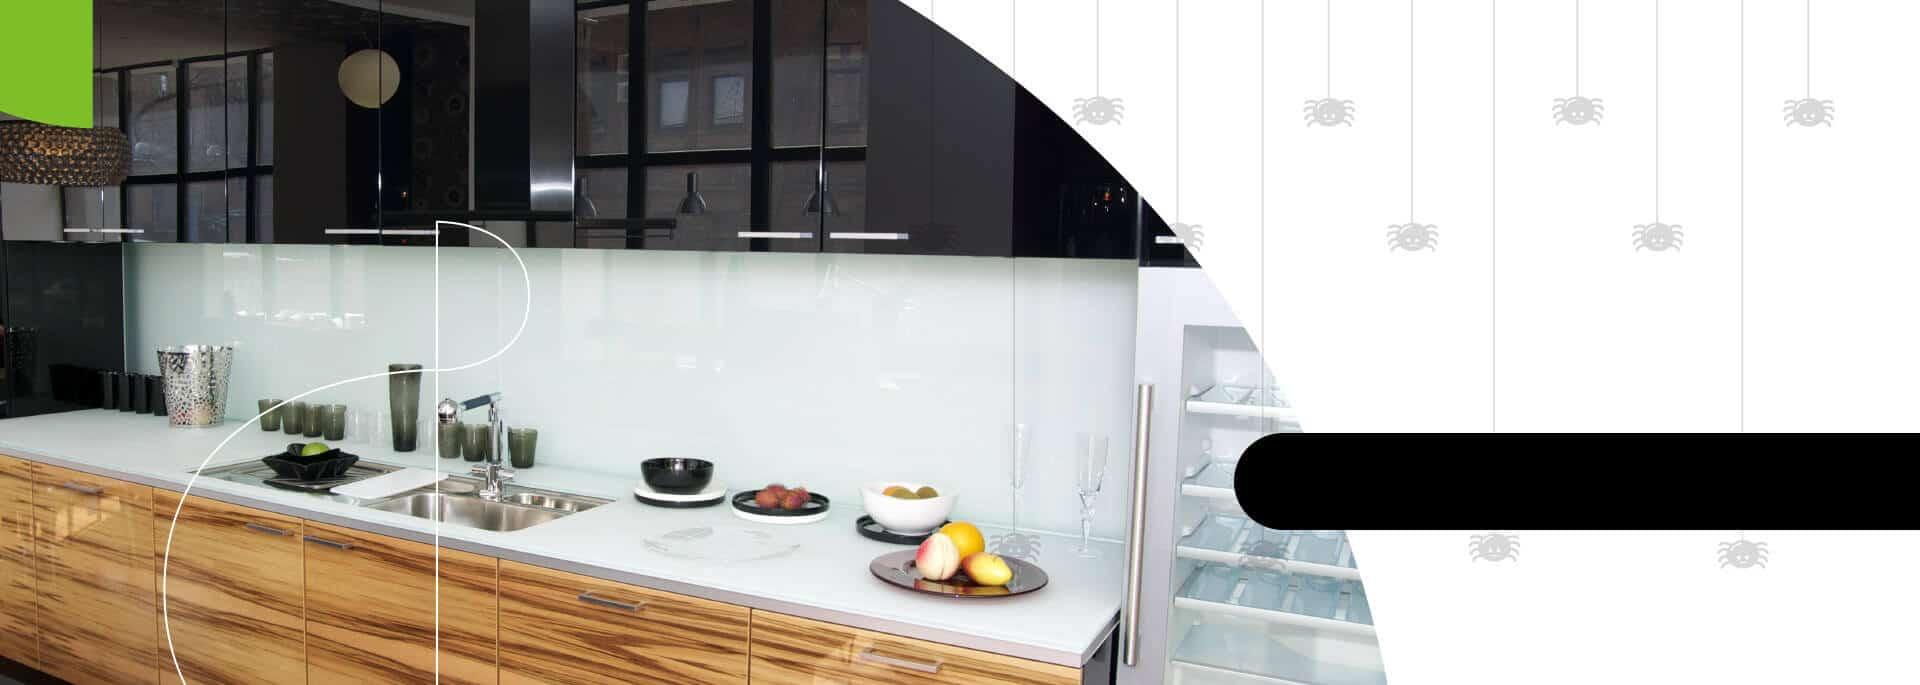 Cocina integral moderna en blanco y negro con acabados brillantes - Bogotá